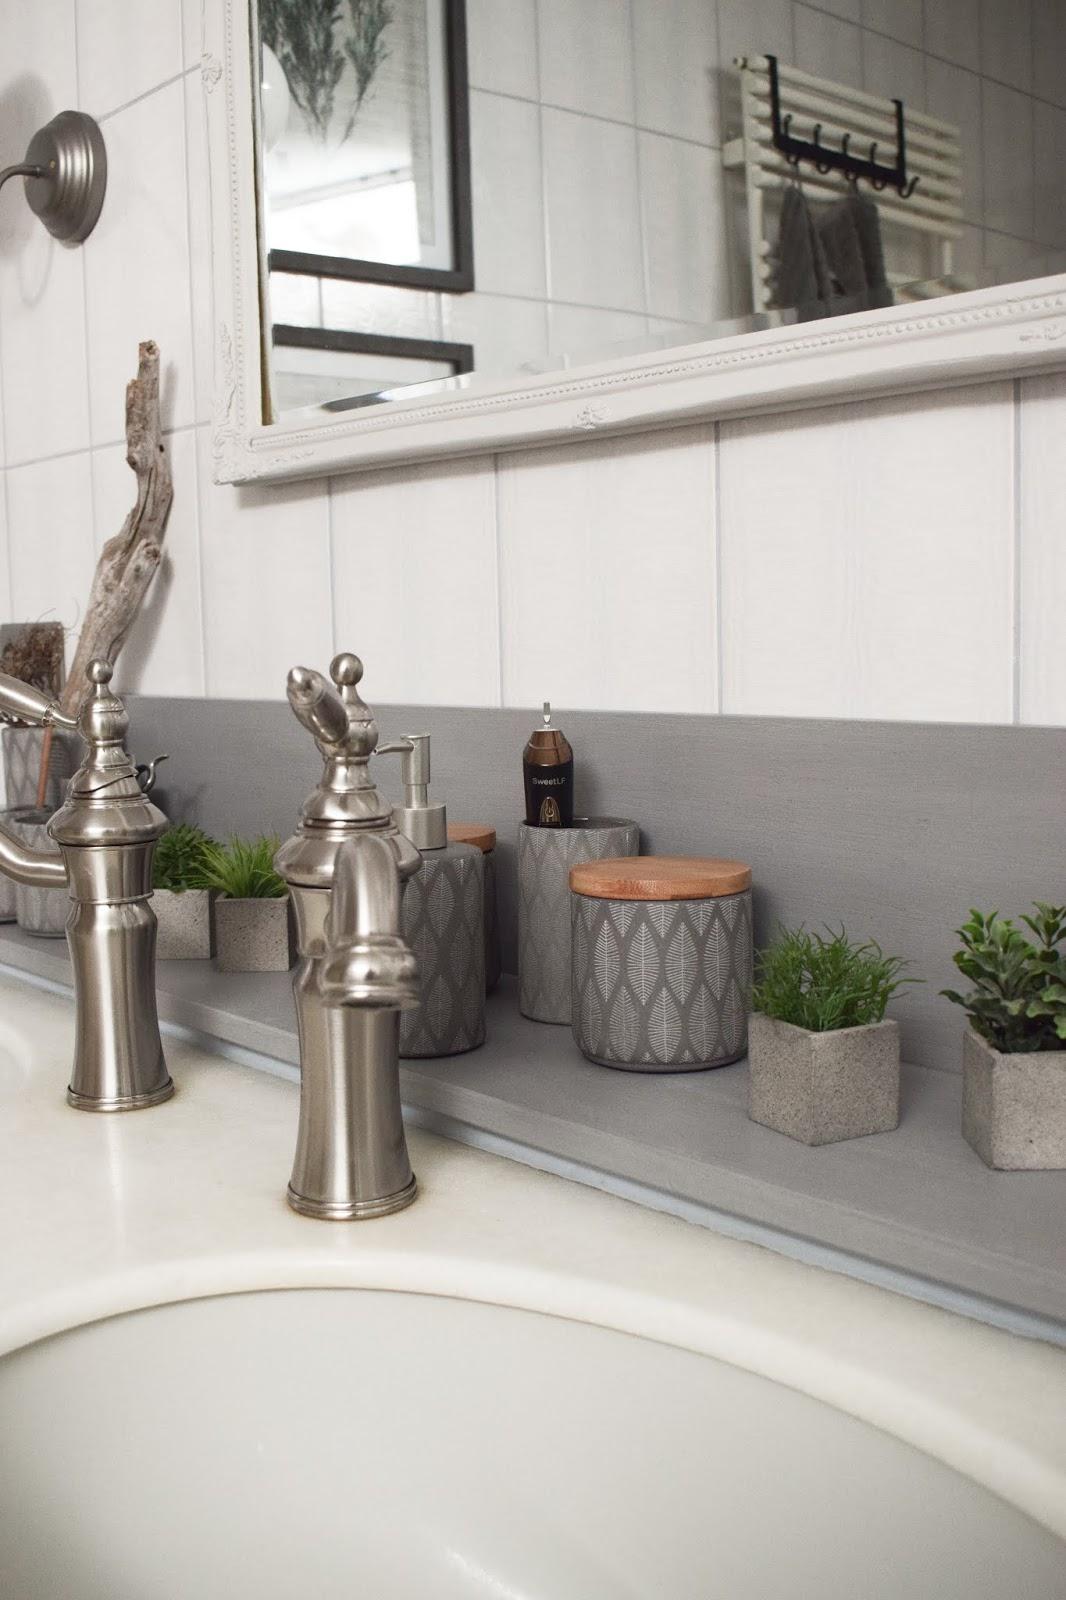 Badezimmer Ideen Deko Bad Renovierung selber machen Dekoideen für ein stilvolles Badezimmer. Einrichten Aufwerten Interior vorher nachher